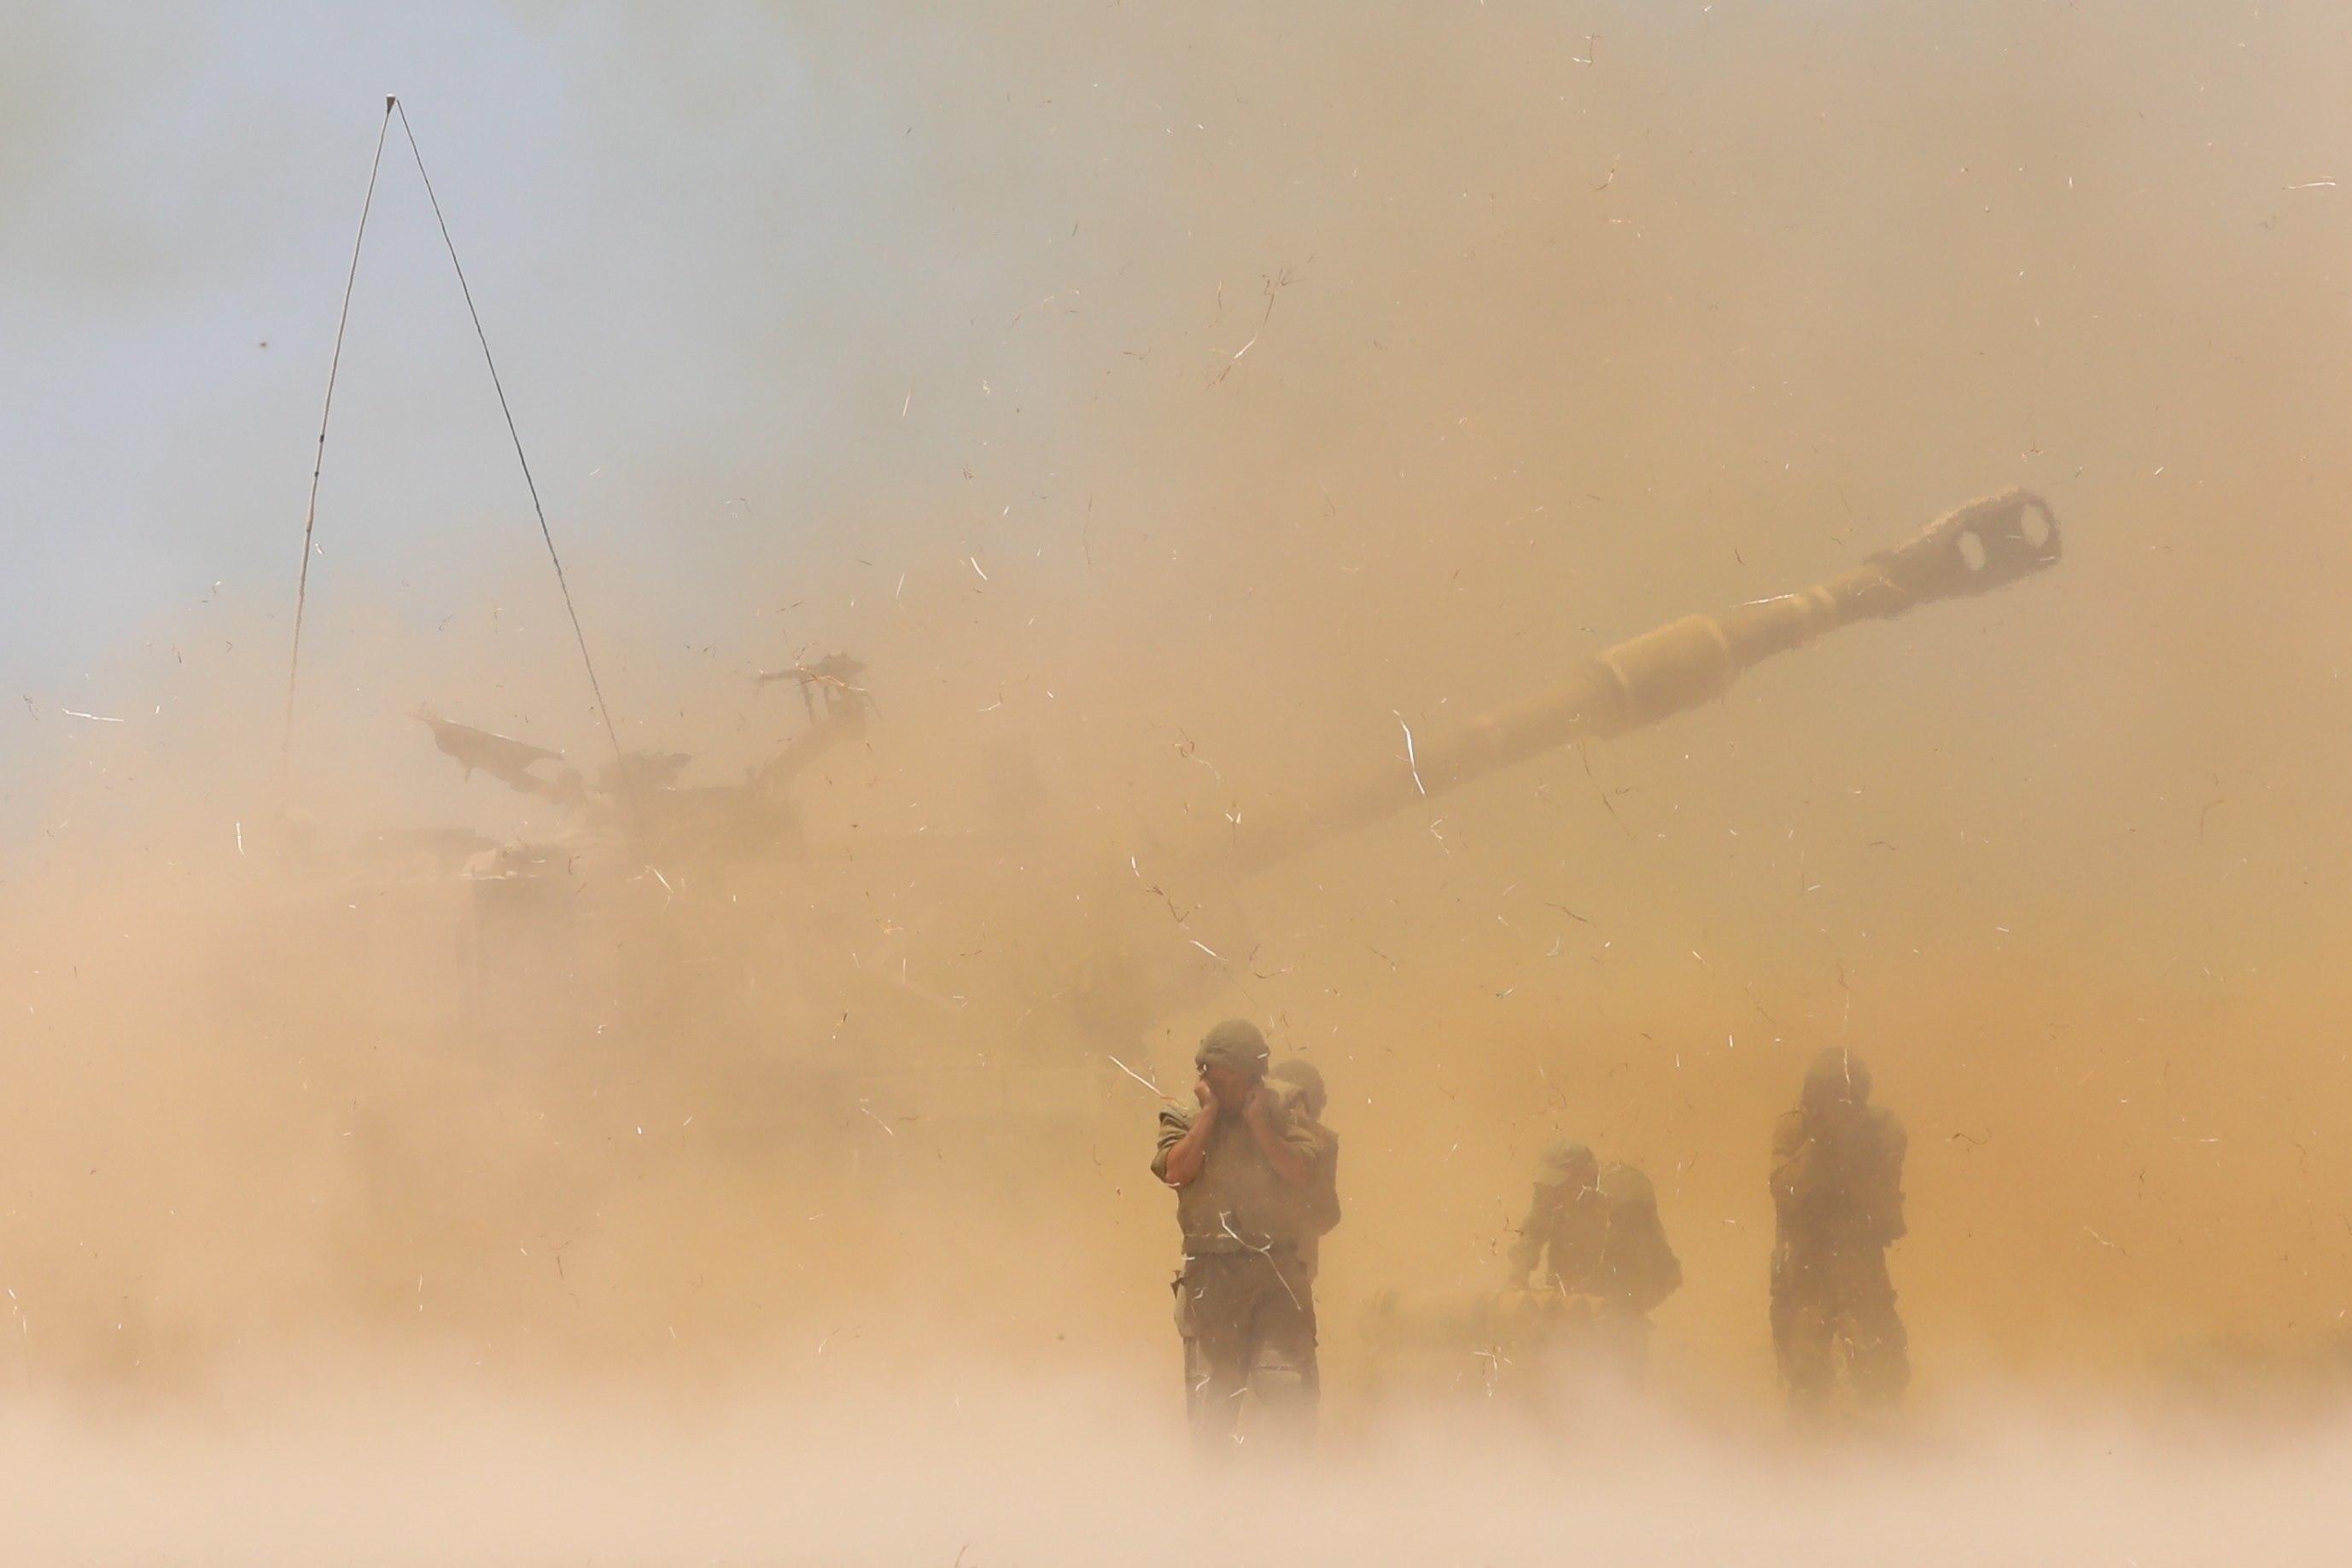 Artillería israelí responde durante la escalada con las milicias de Gaza.